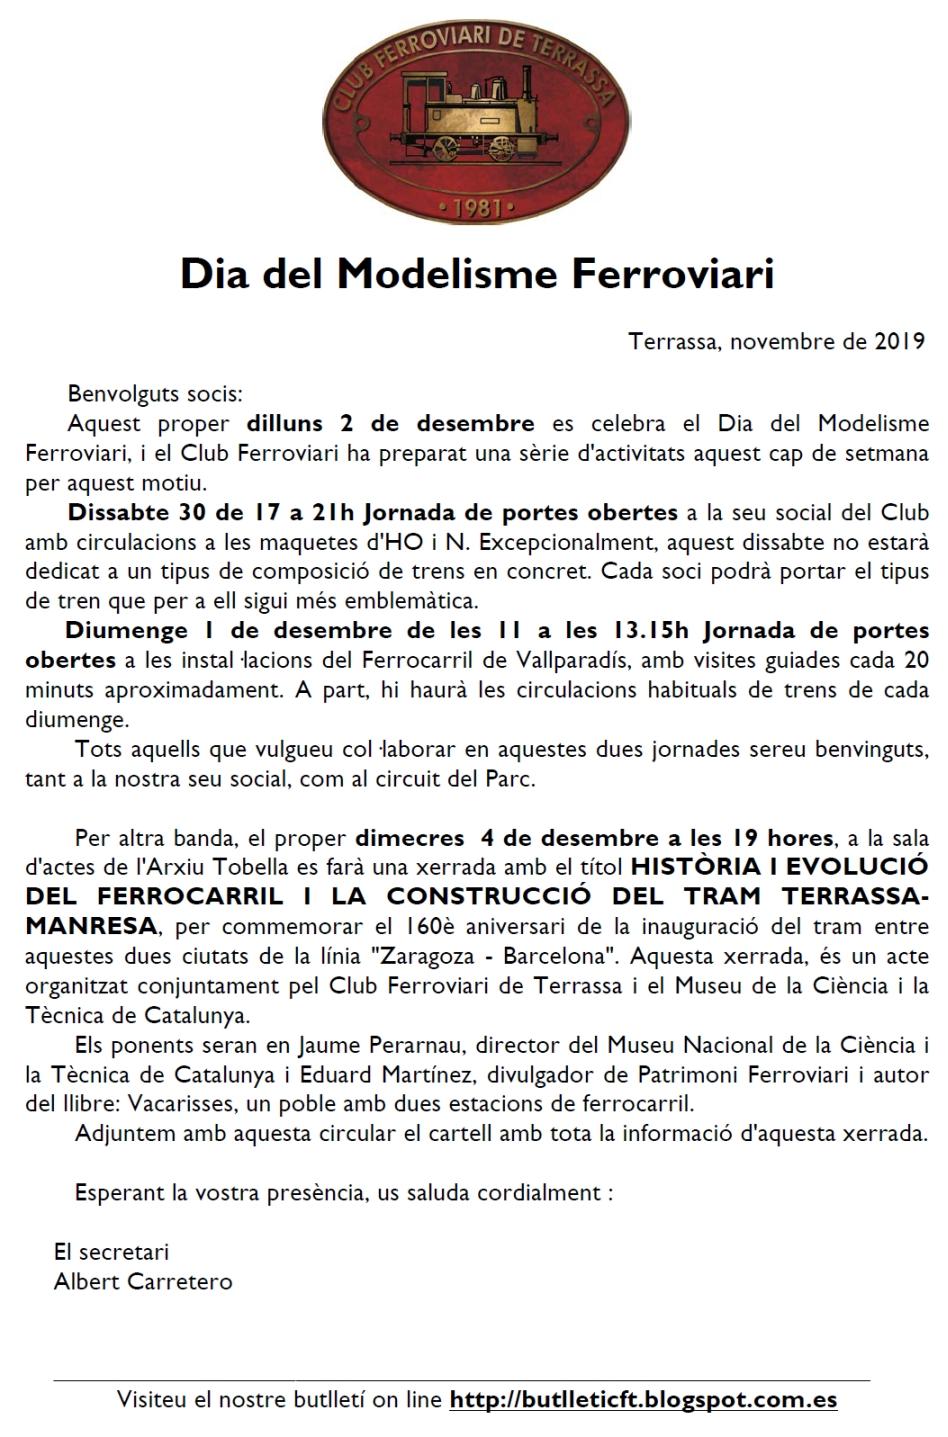 *** Dia del Modelisme Ferroviari. Club ferroviari de Terrassa